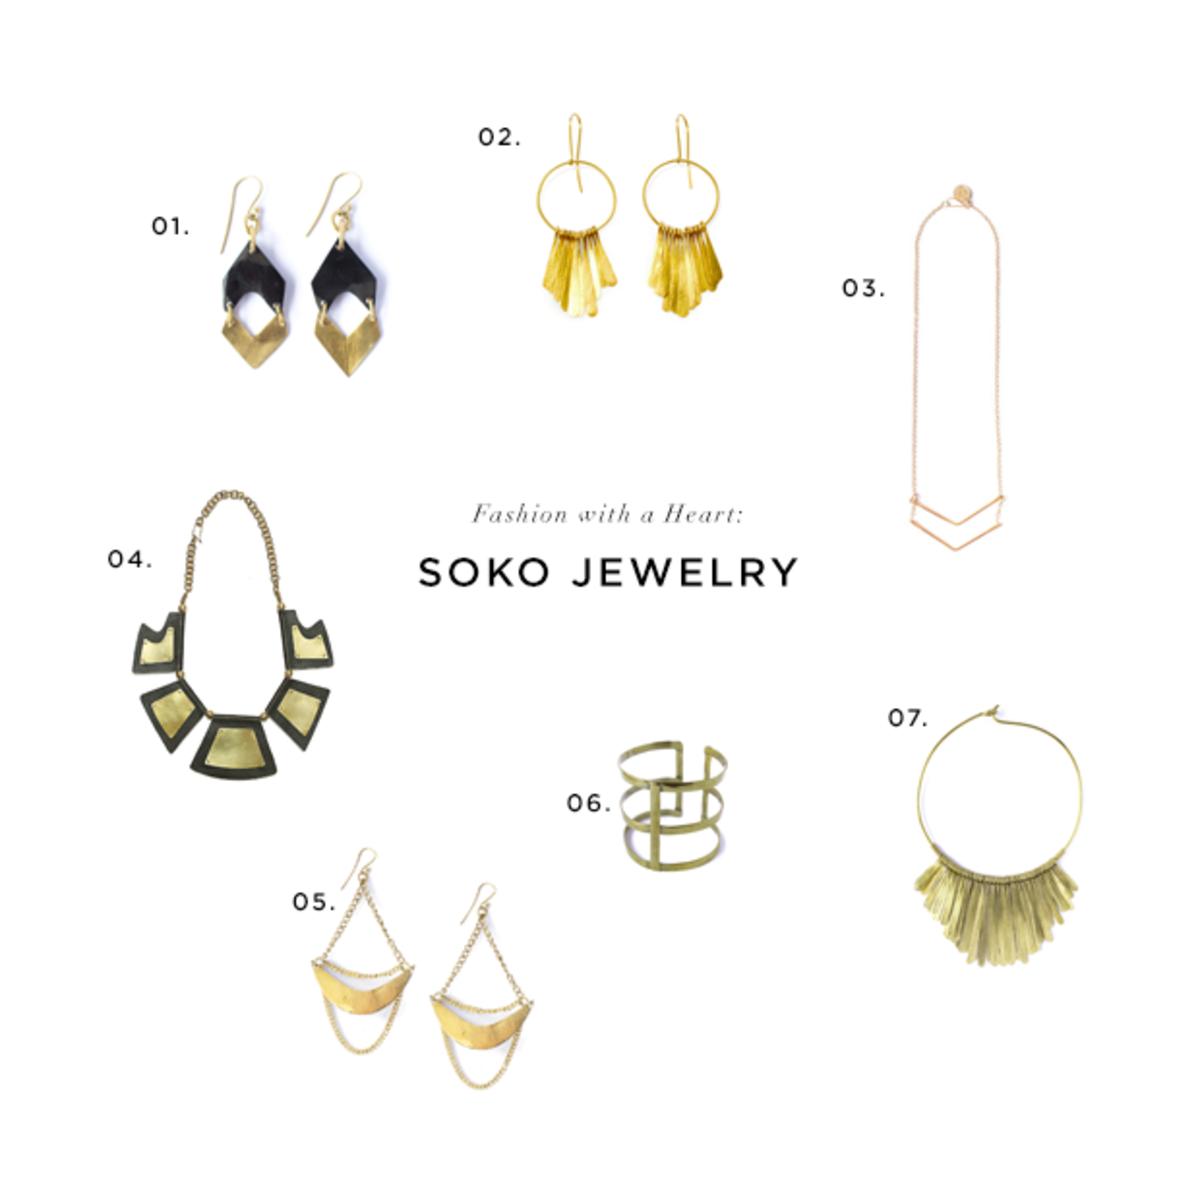 soko-jewelry-moodboard